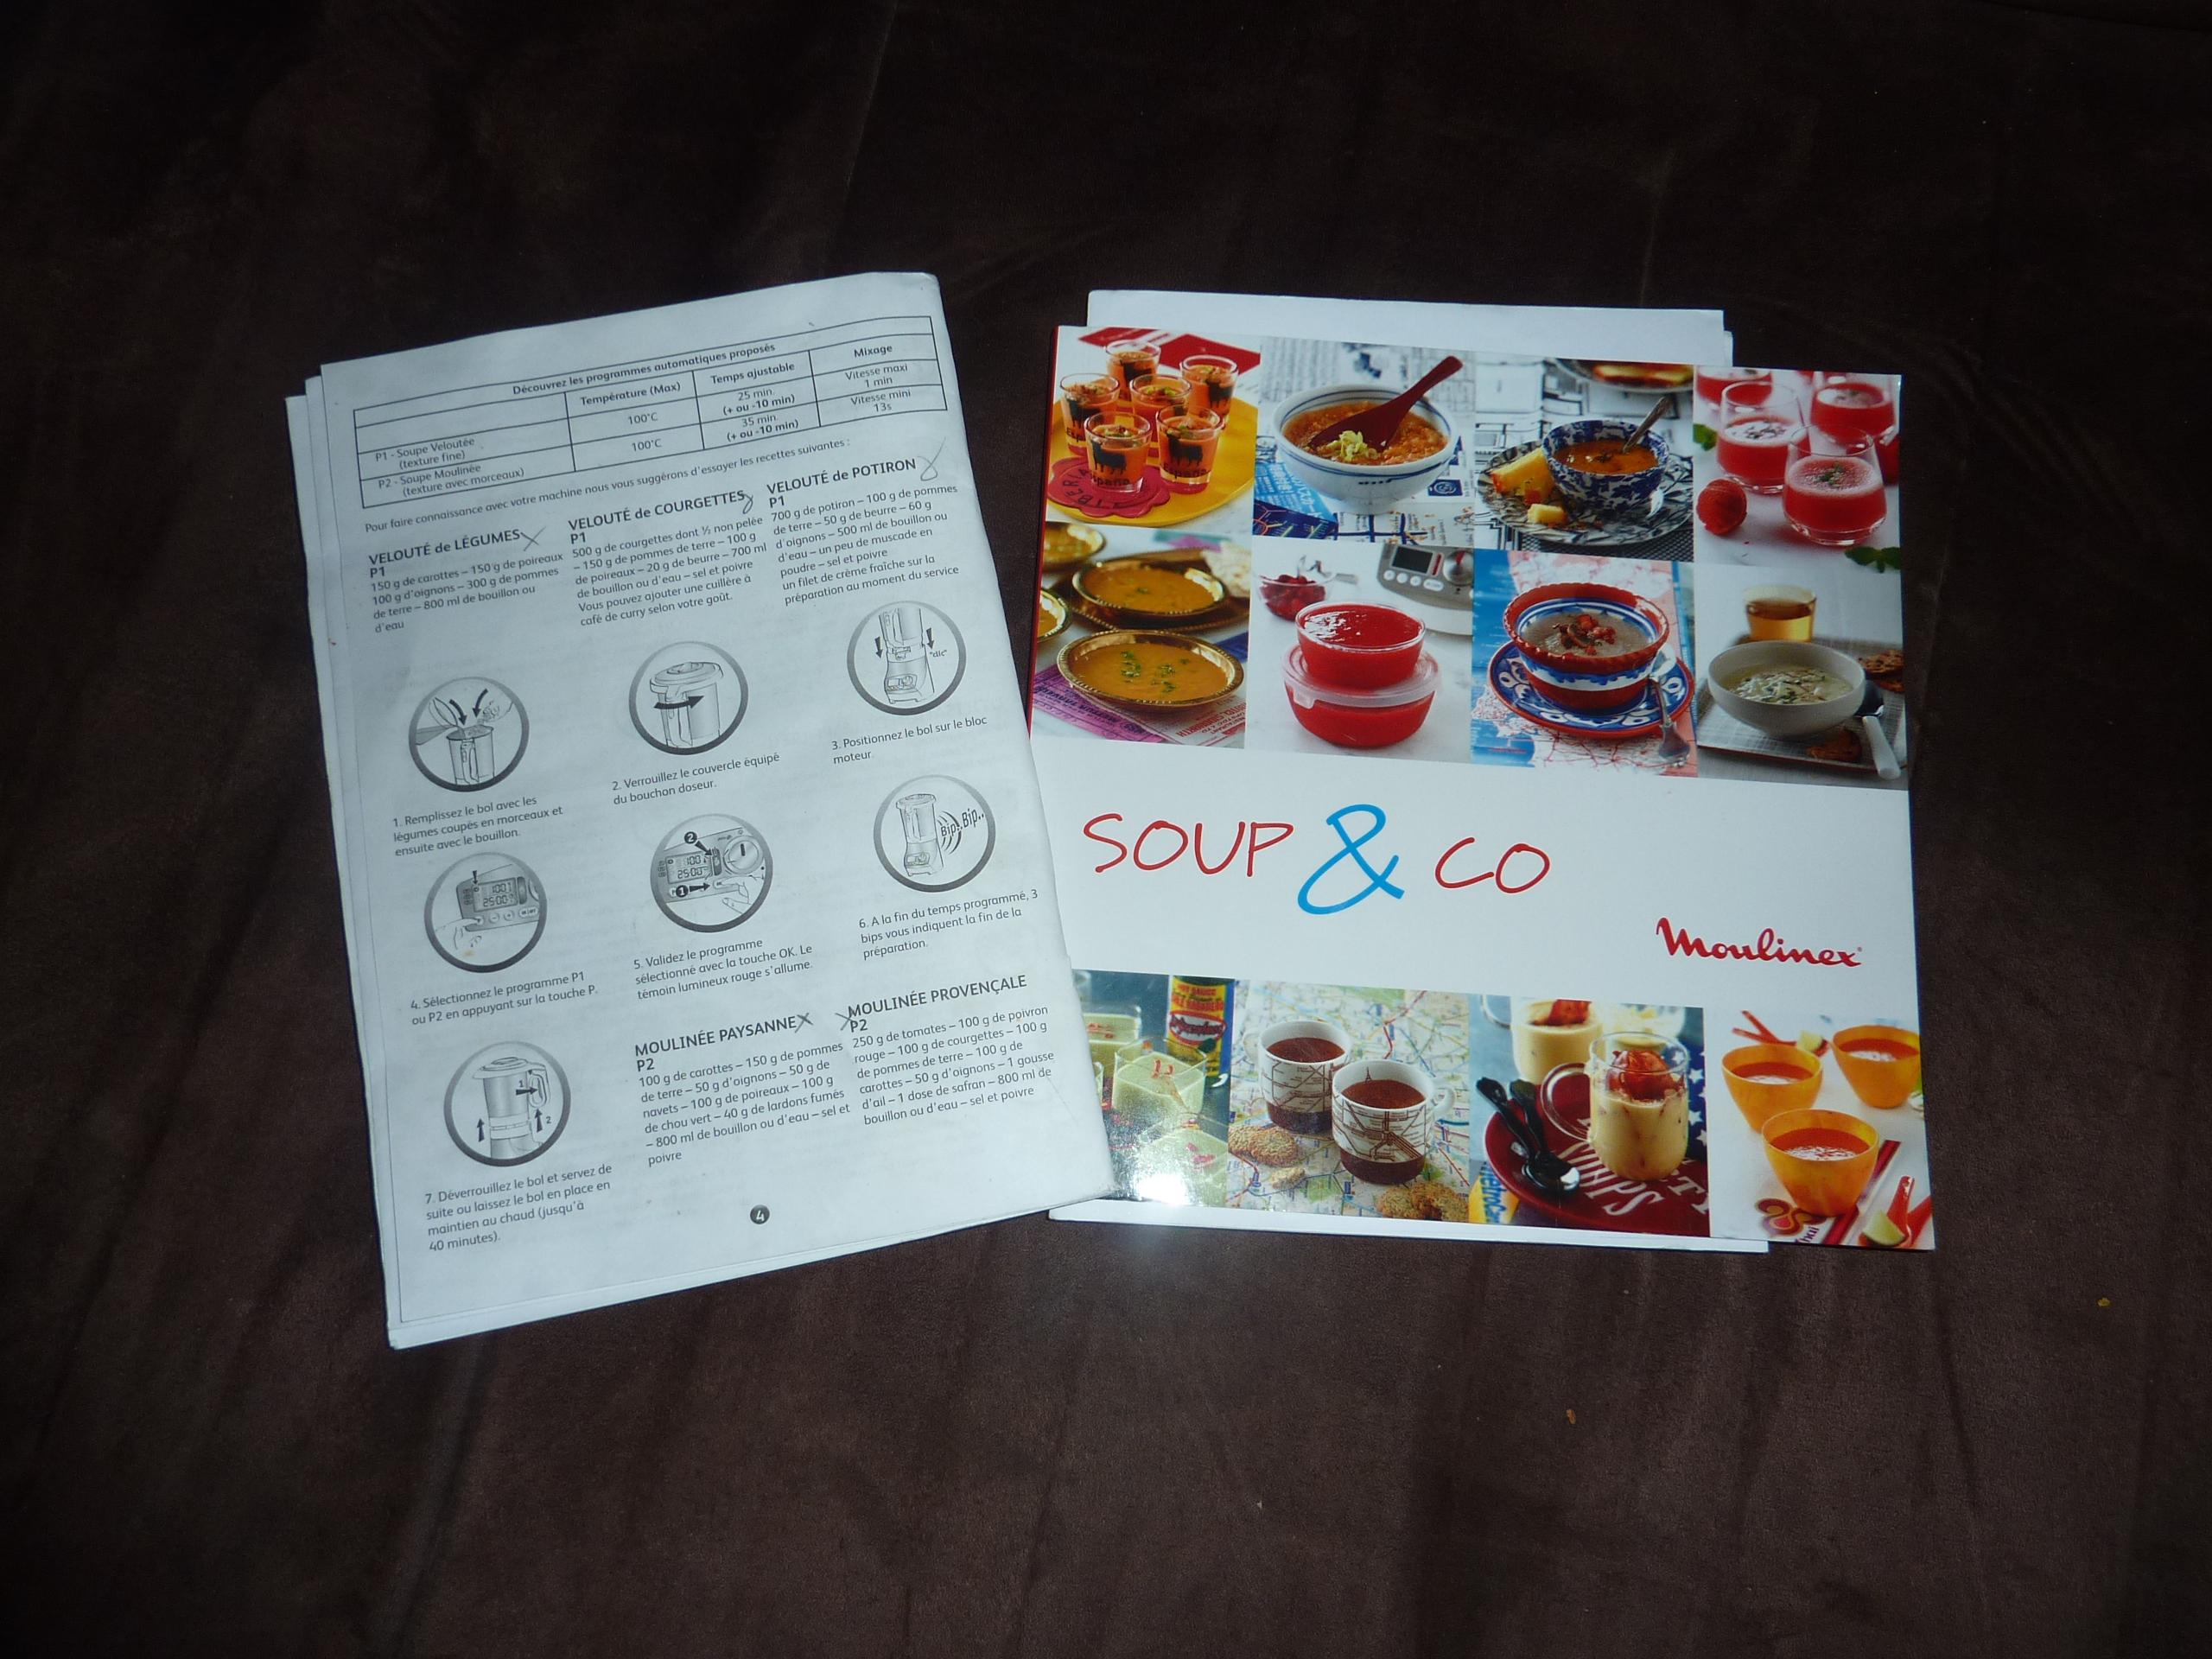 La question de la diversification alimentaire ici les soupes rivieramum - Recettes soup and co ...